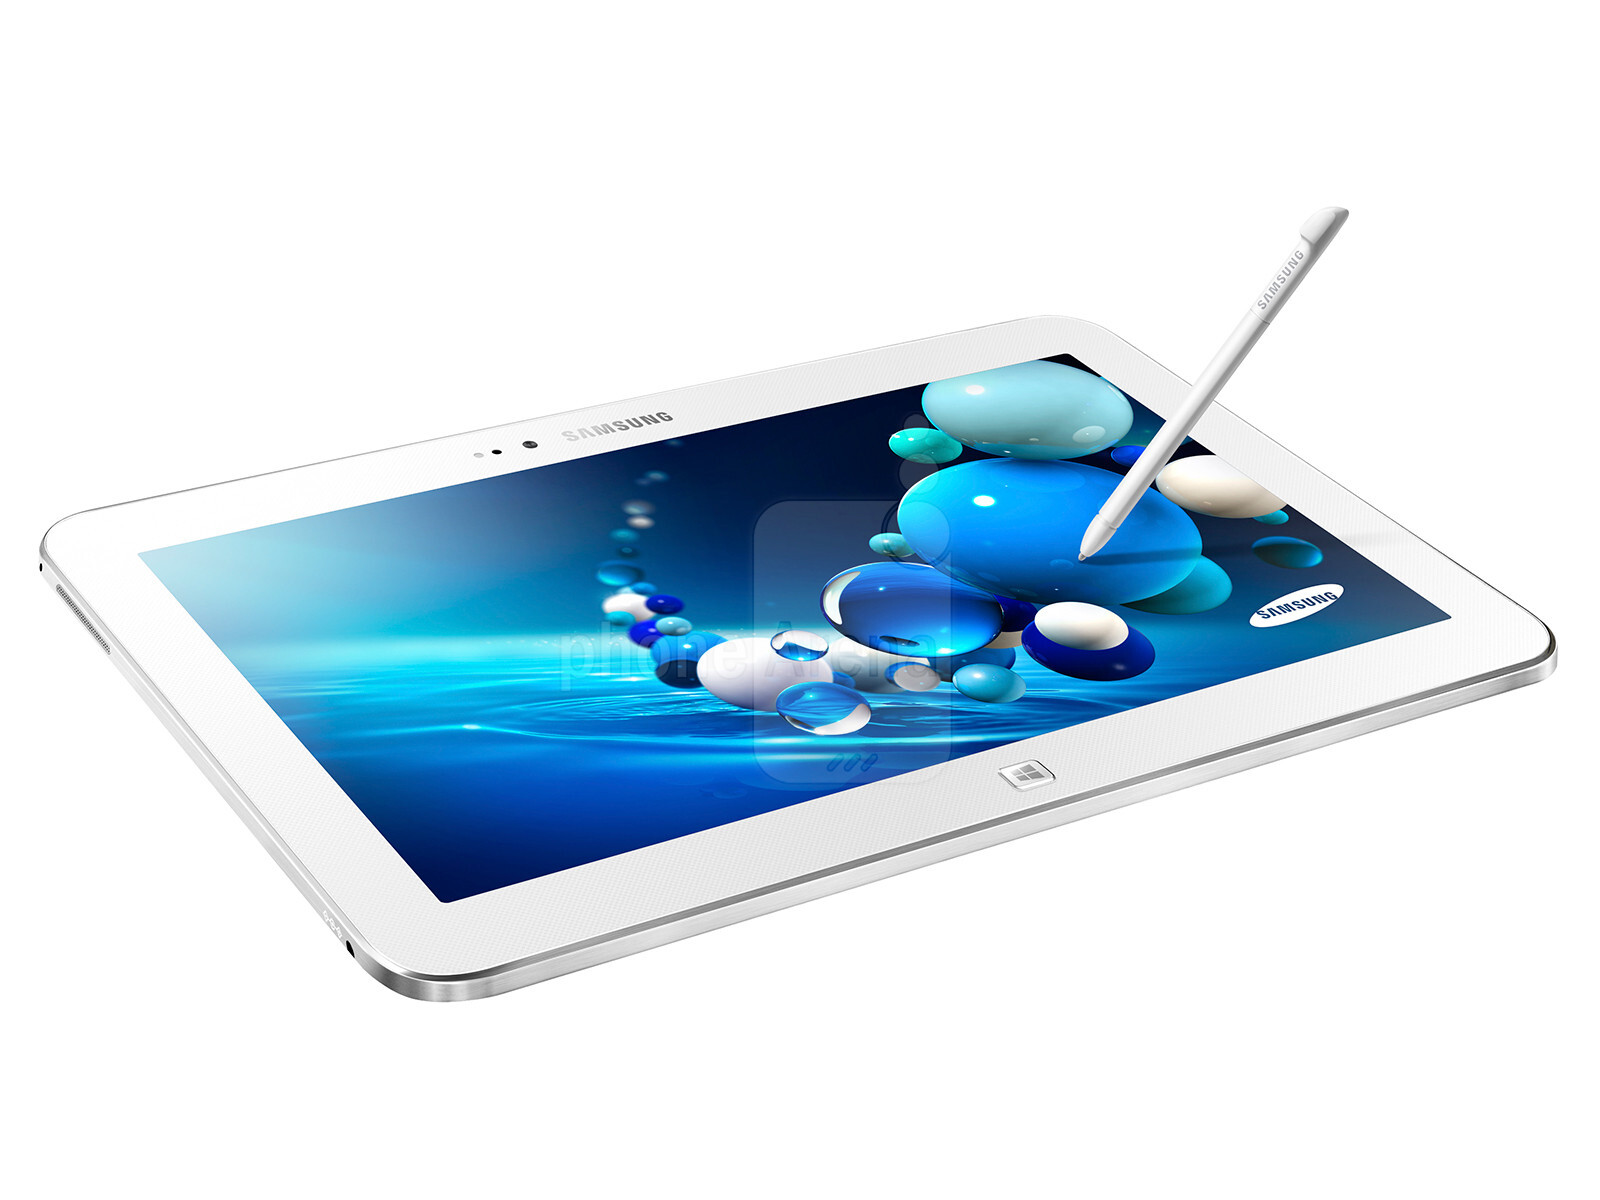 Samsung ATIV Tab 3 full specs